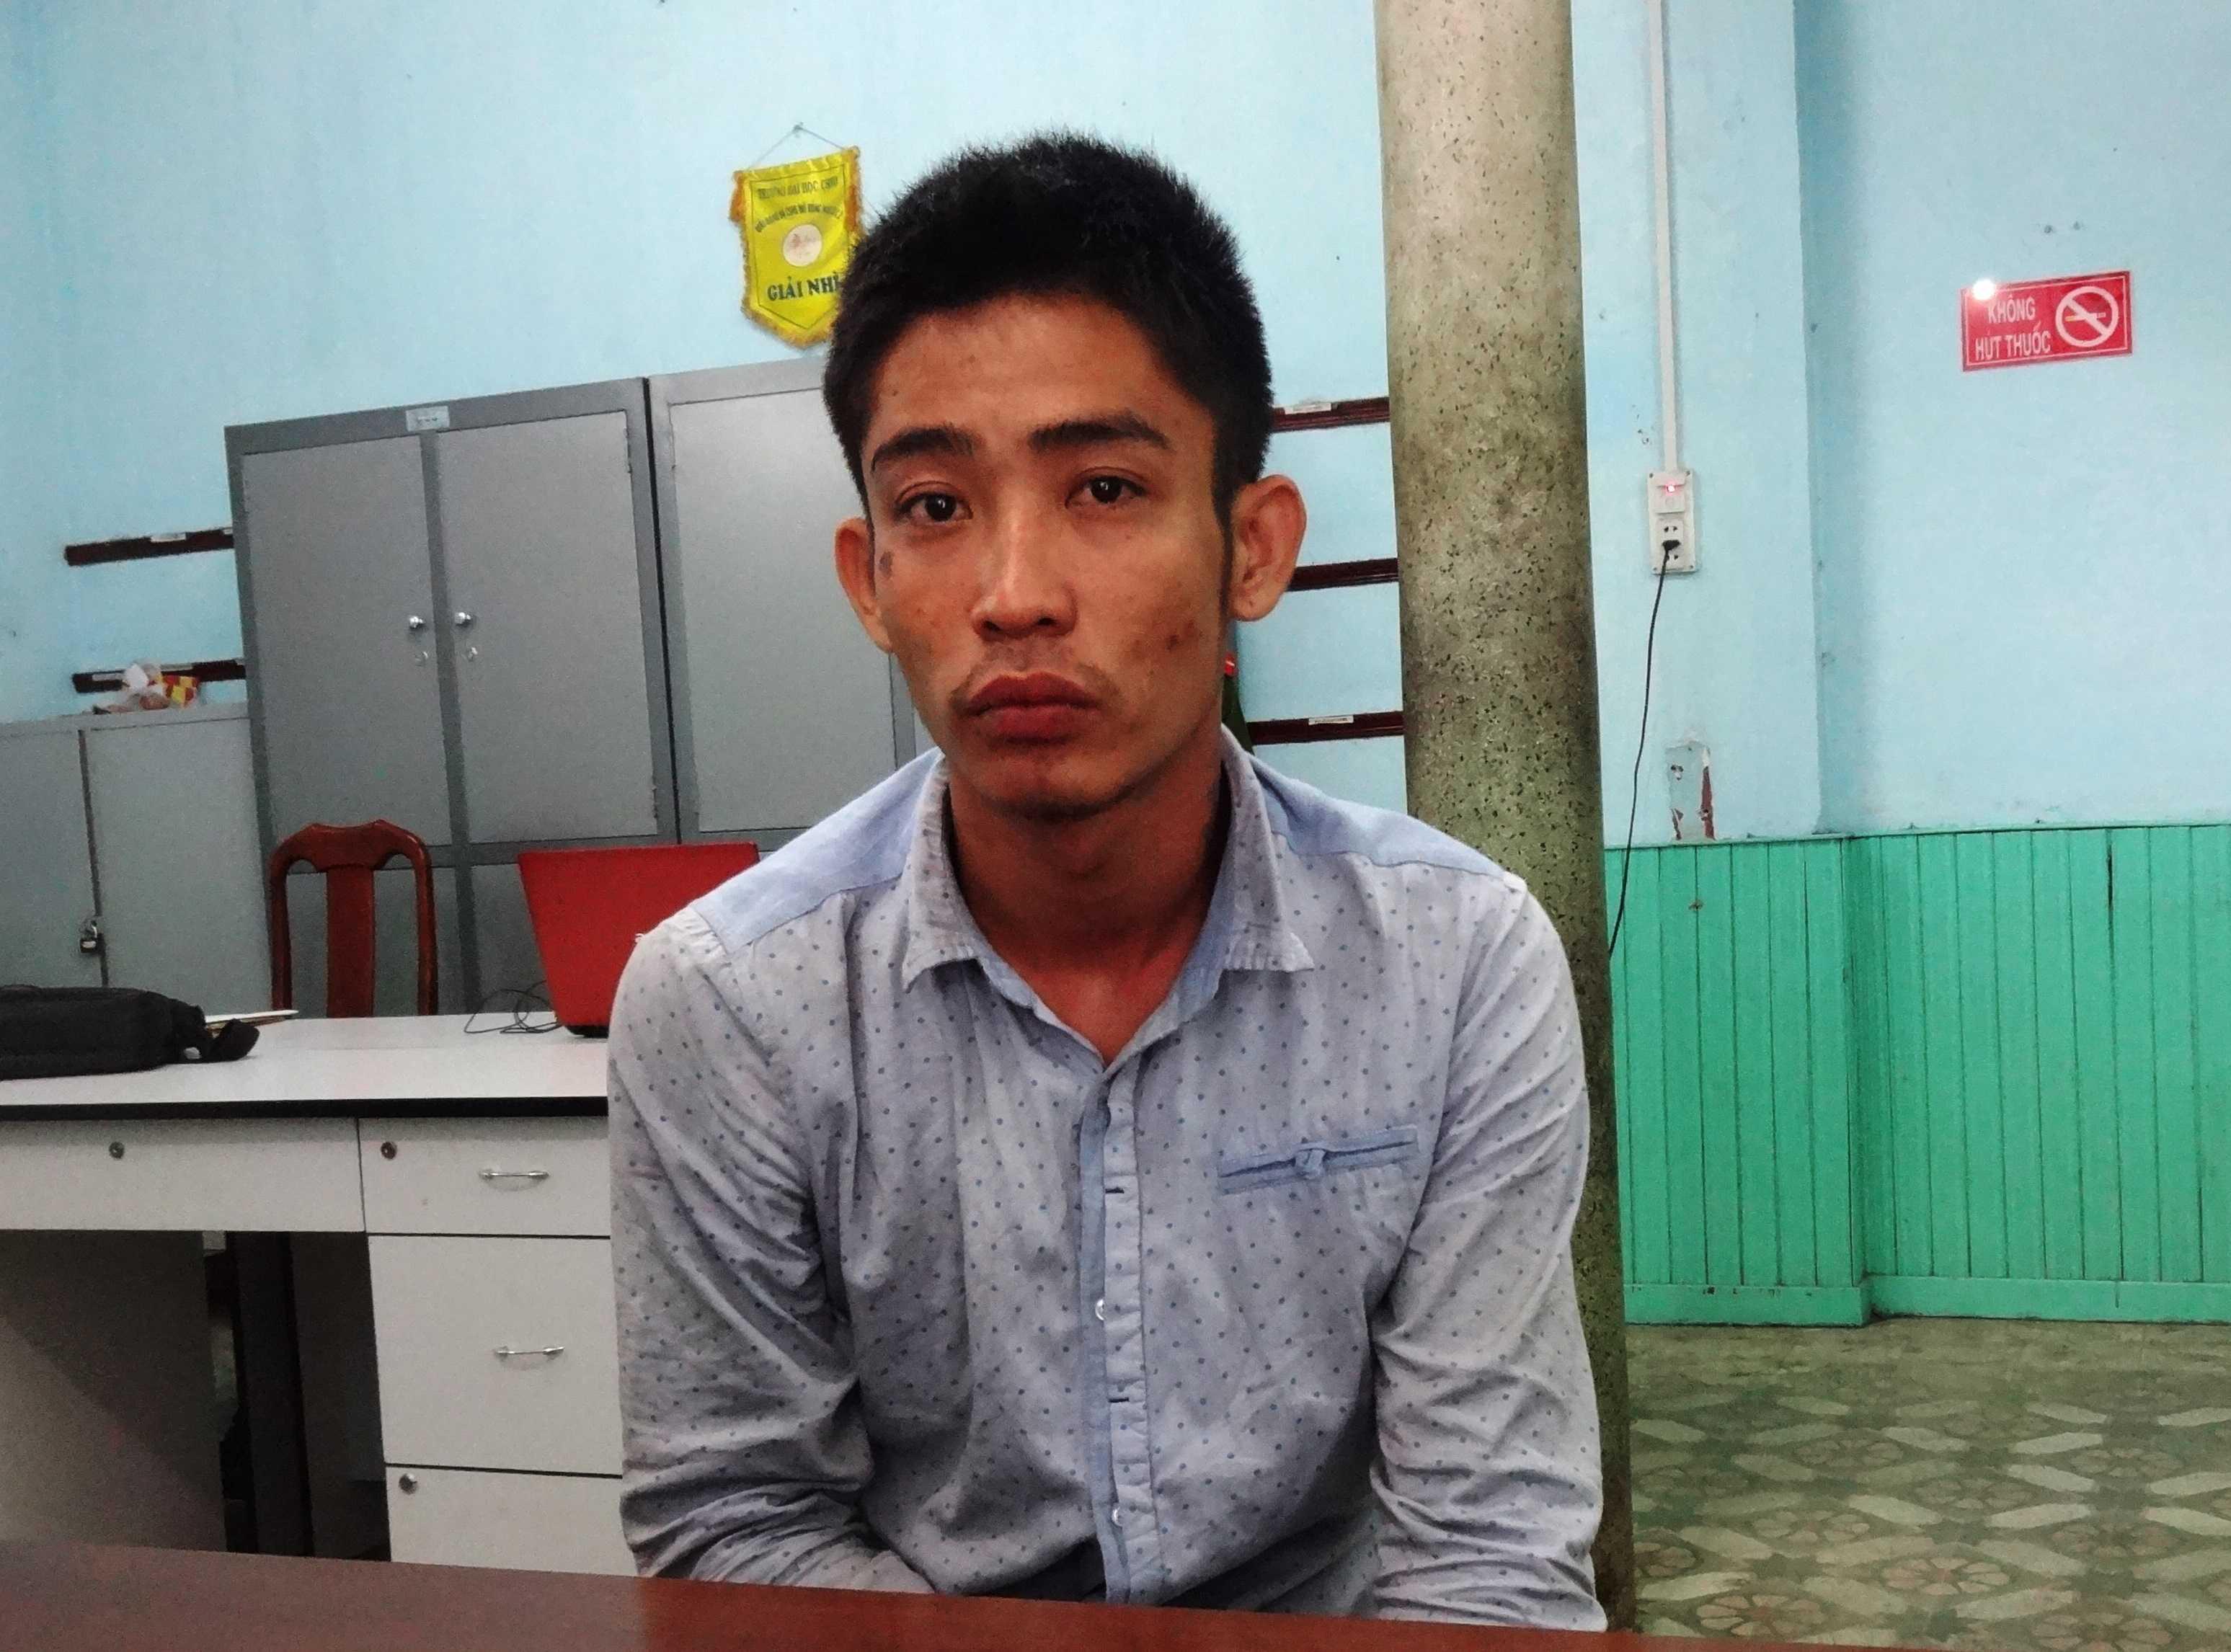 Nguyễn Mạnh Cương tại cơ quan công an